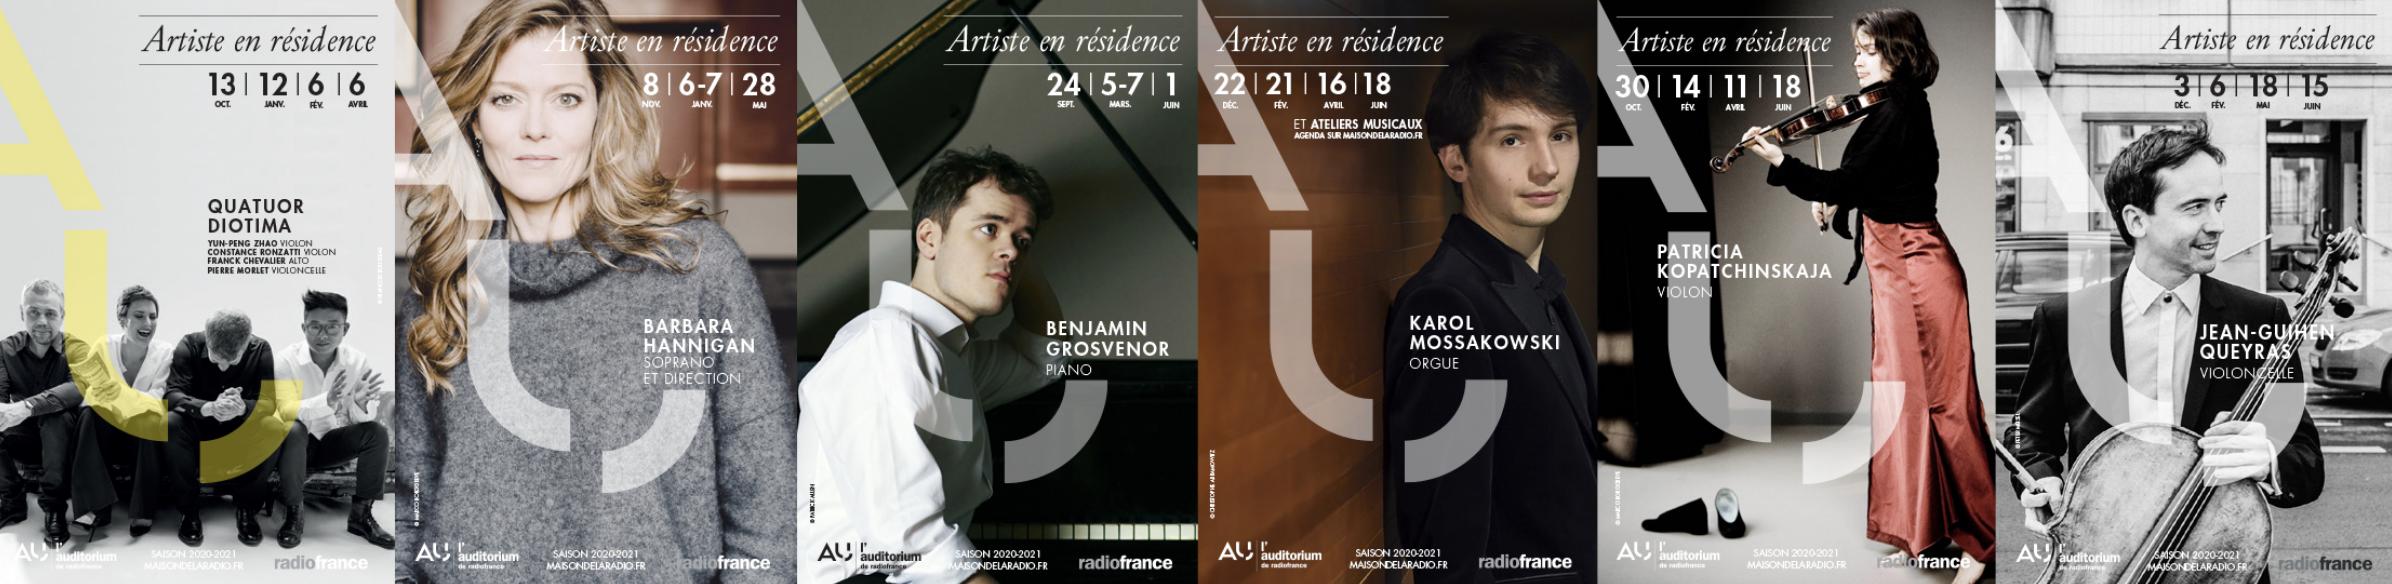 Six artistes en résidence à Radio France